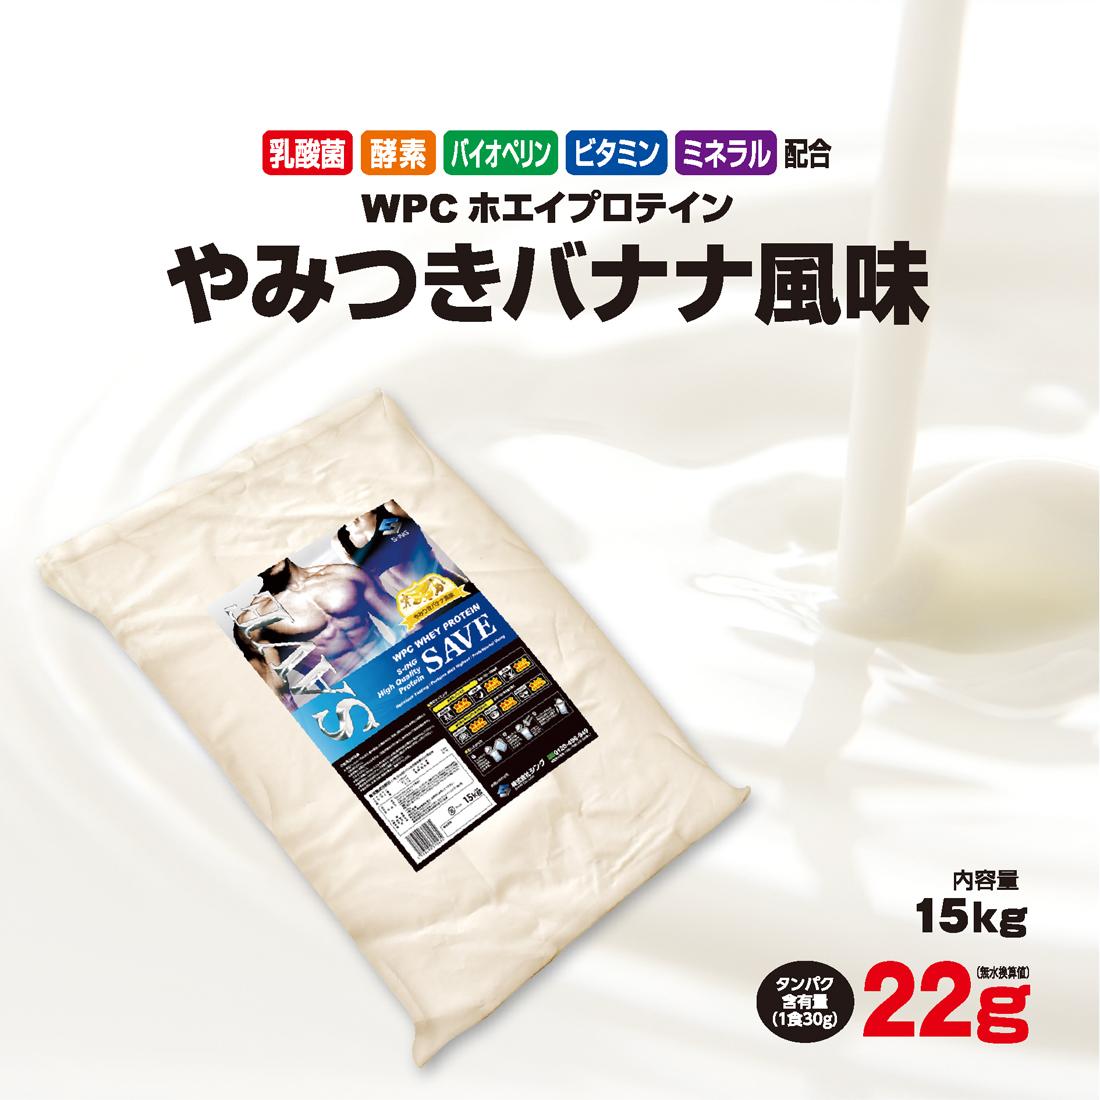 【超お得:ジッパー袋は別途必要な商品です】ホエイプロテイン 15kg バナナ 送料無料 激安 SAVEプロテイン やみつきバナナ風味 WPC 乳酸菌 バイオペリン エンザミン酵素配合